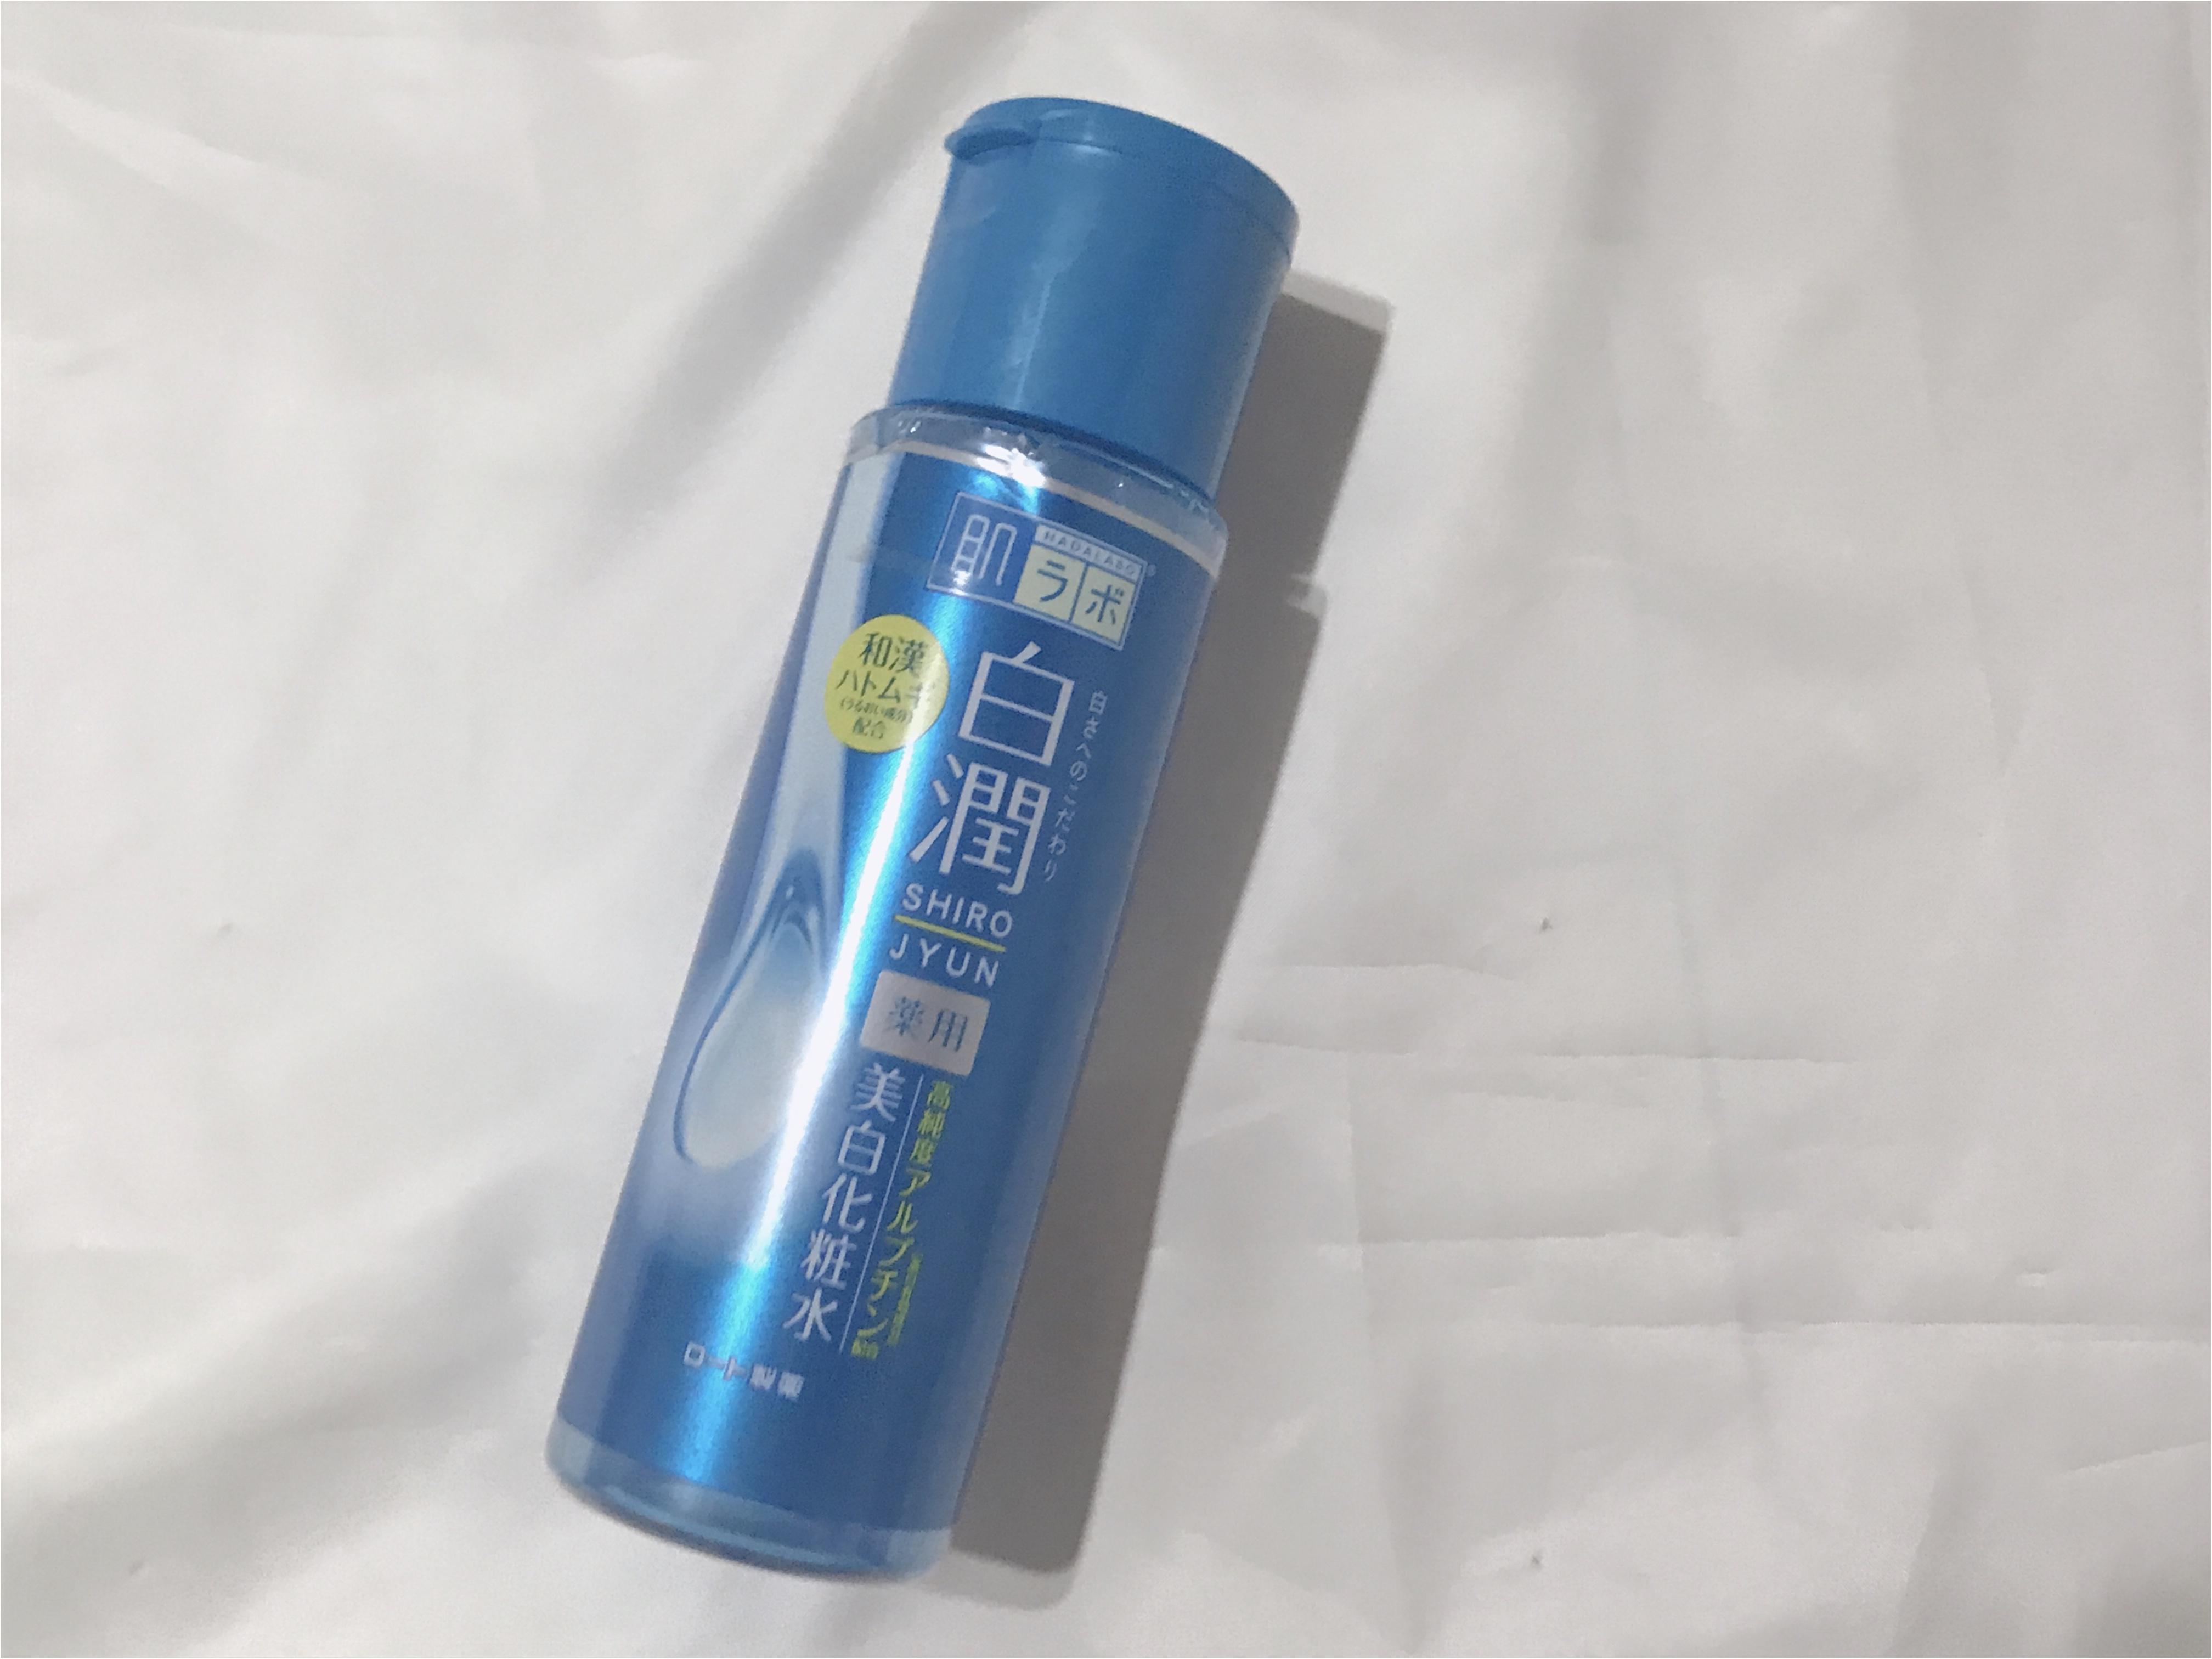 美白化粧品特集 - シミやくすみ対策・肌の透明感アップが期待できるコスメは? 記事Photo Gallery_1_35